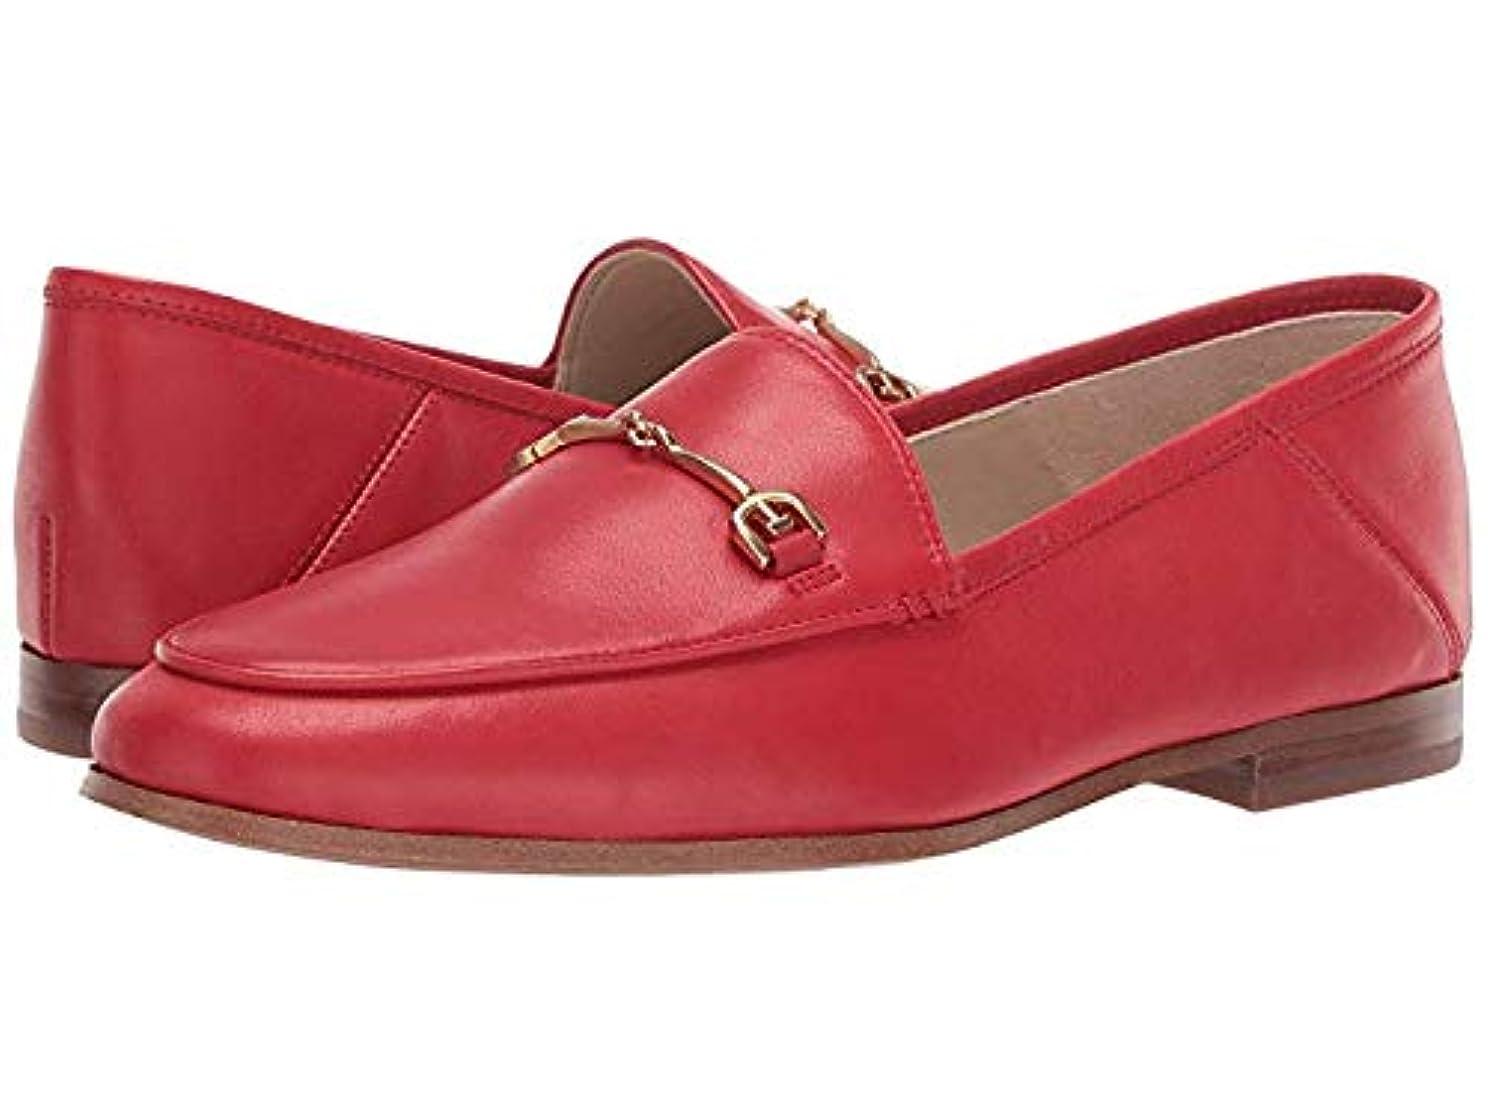 強制苦味感覚[Sam Edelman(サムエデルマン)] レディースローファー?靴 Loraine Loafer Lipstick Red Modena Calf Leather (25.5cm) M [並行輸入品]